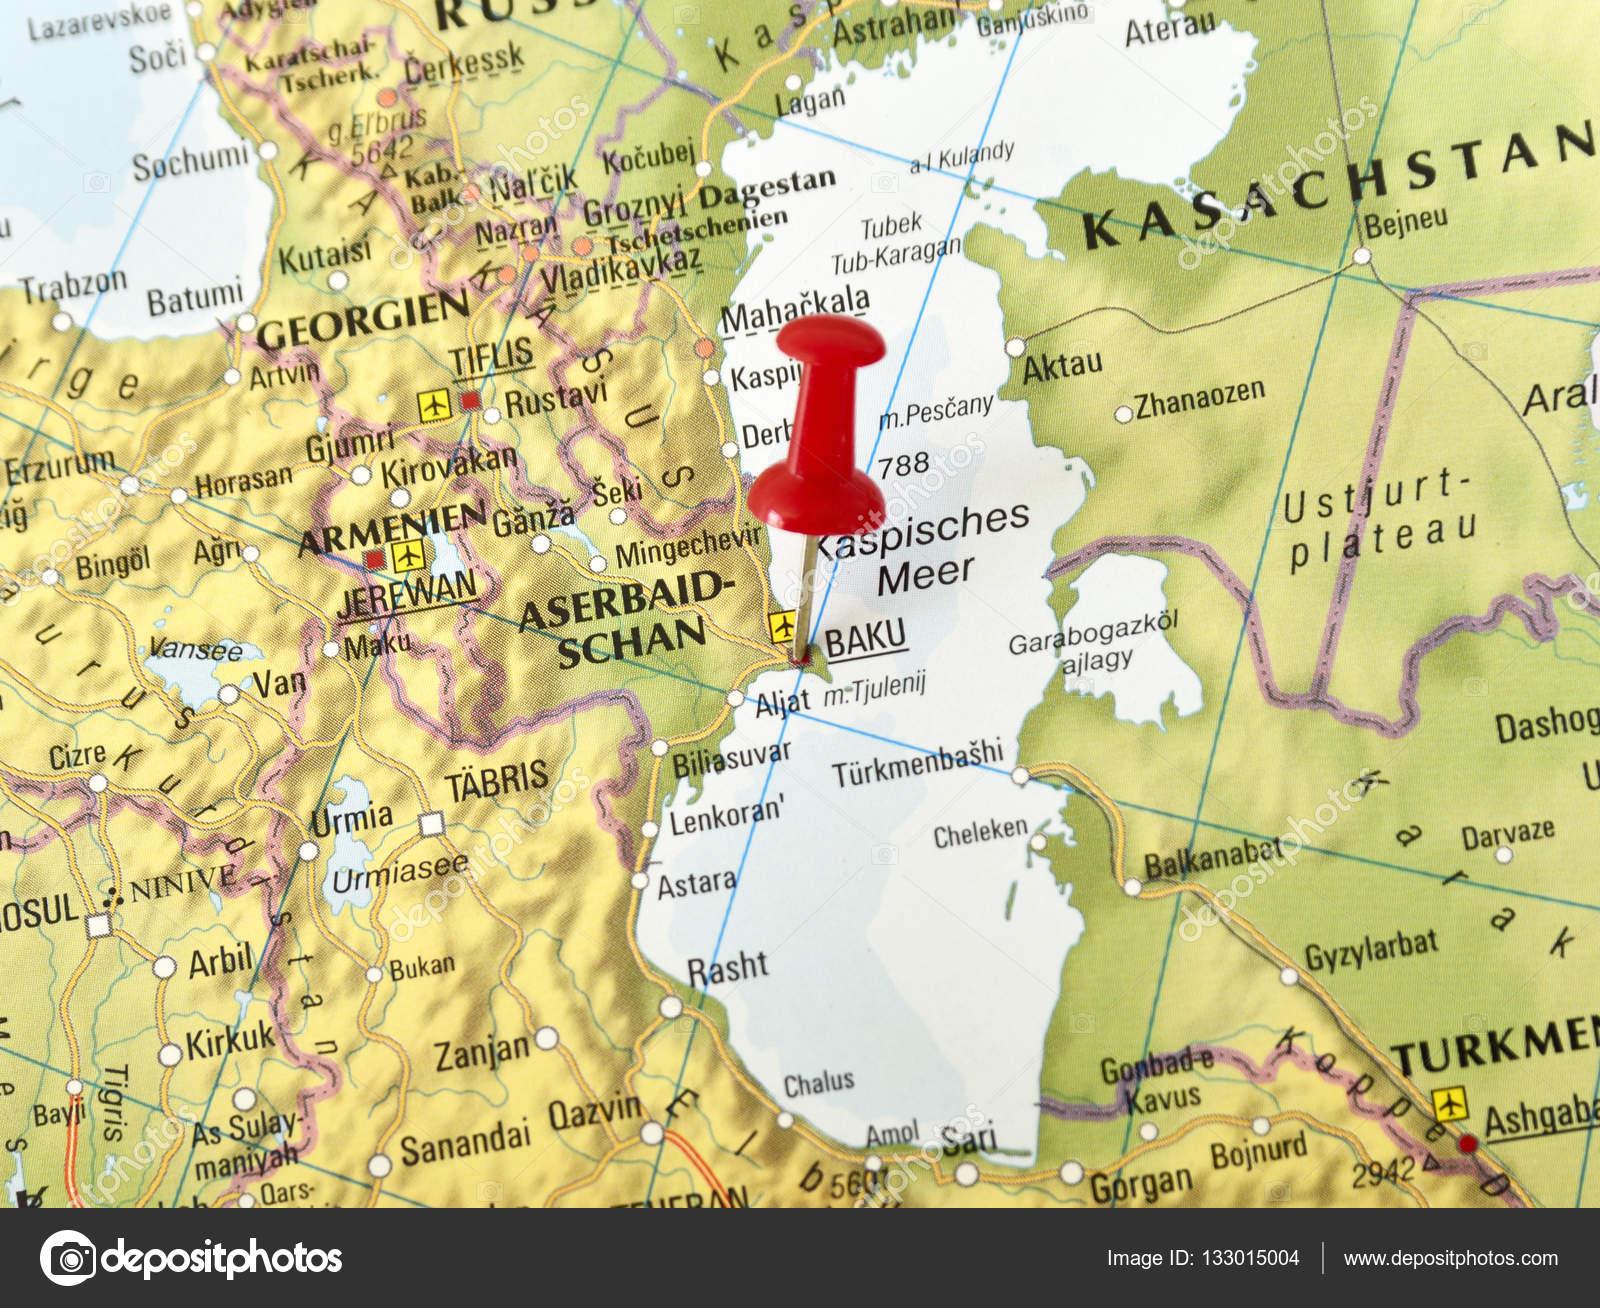 Baku Aserbaidschan Karte.Mit Pin Setzen Auf Baku Aserbaidschan Stockfoto C Eivaisla